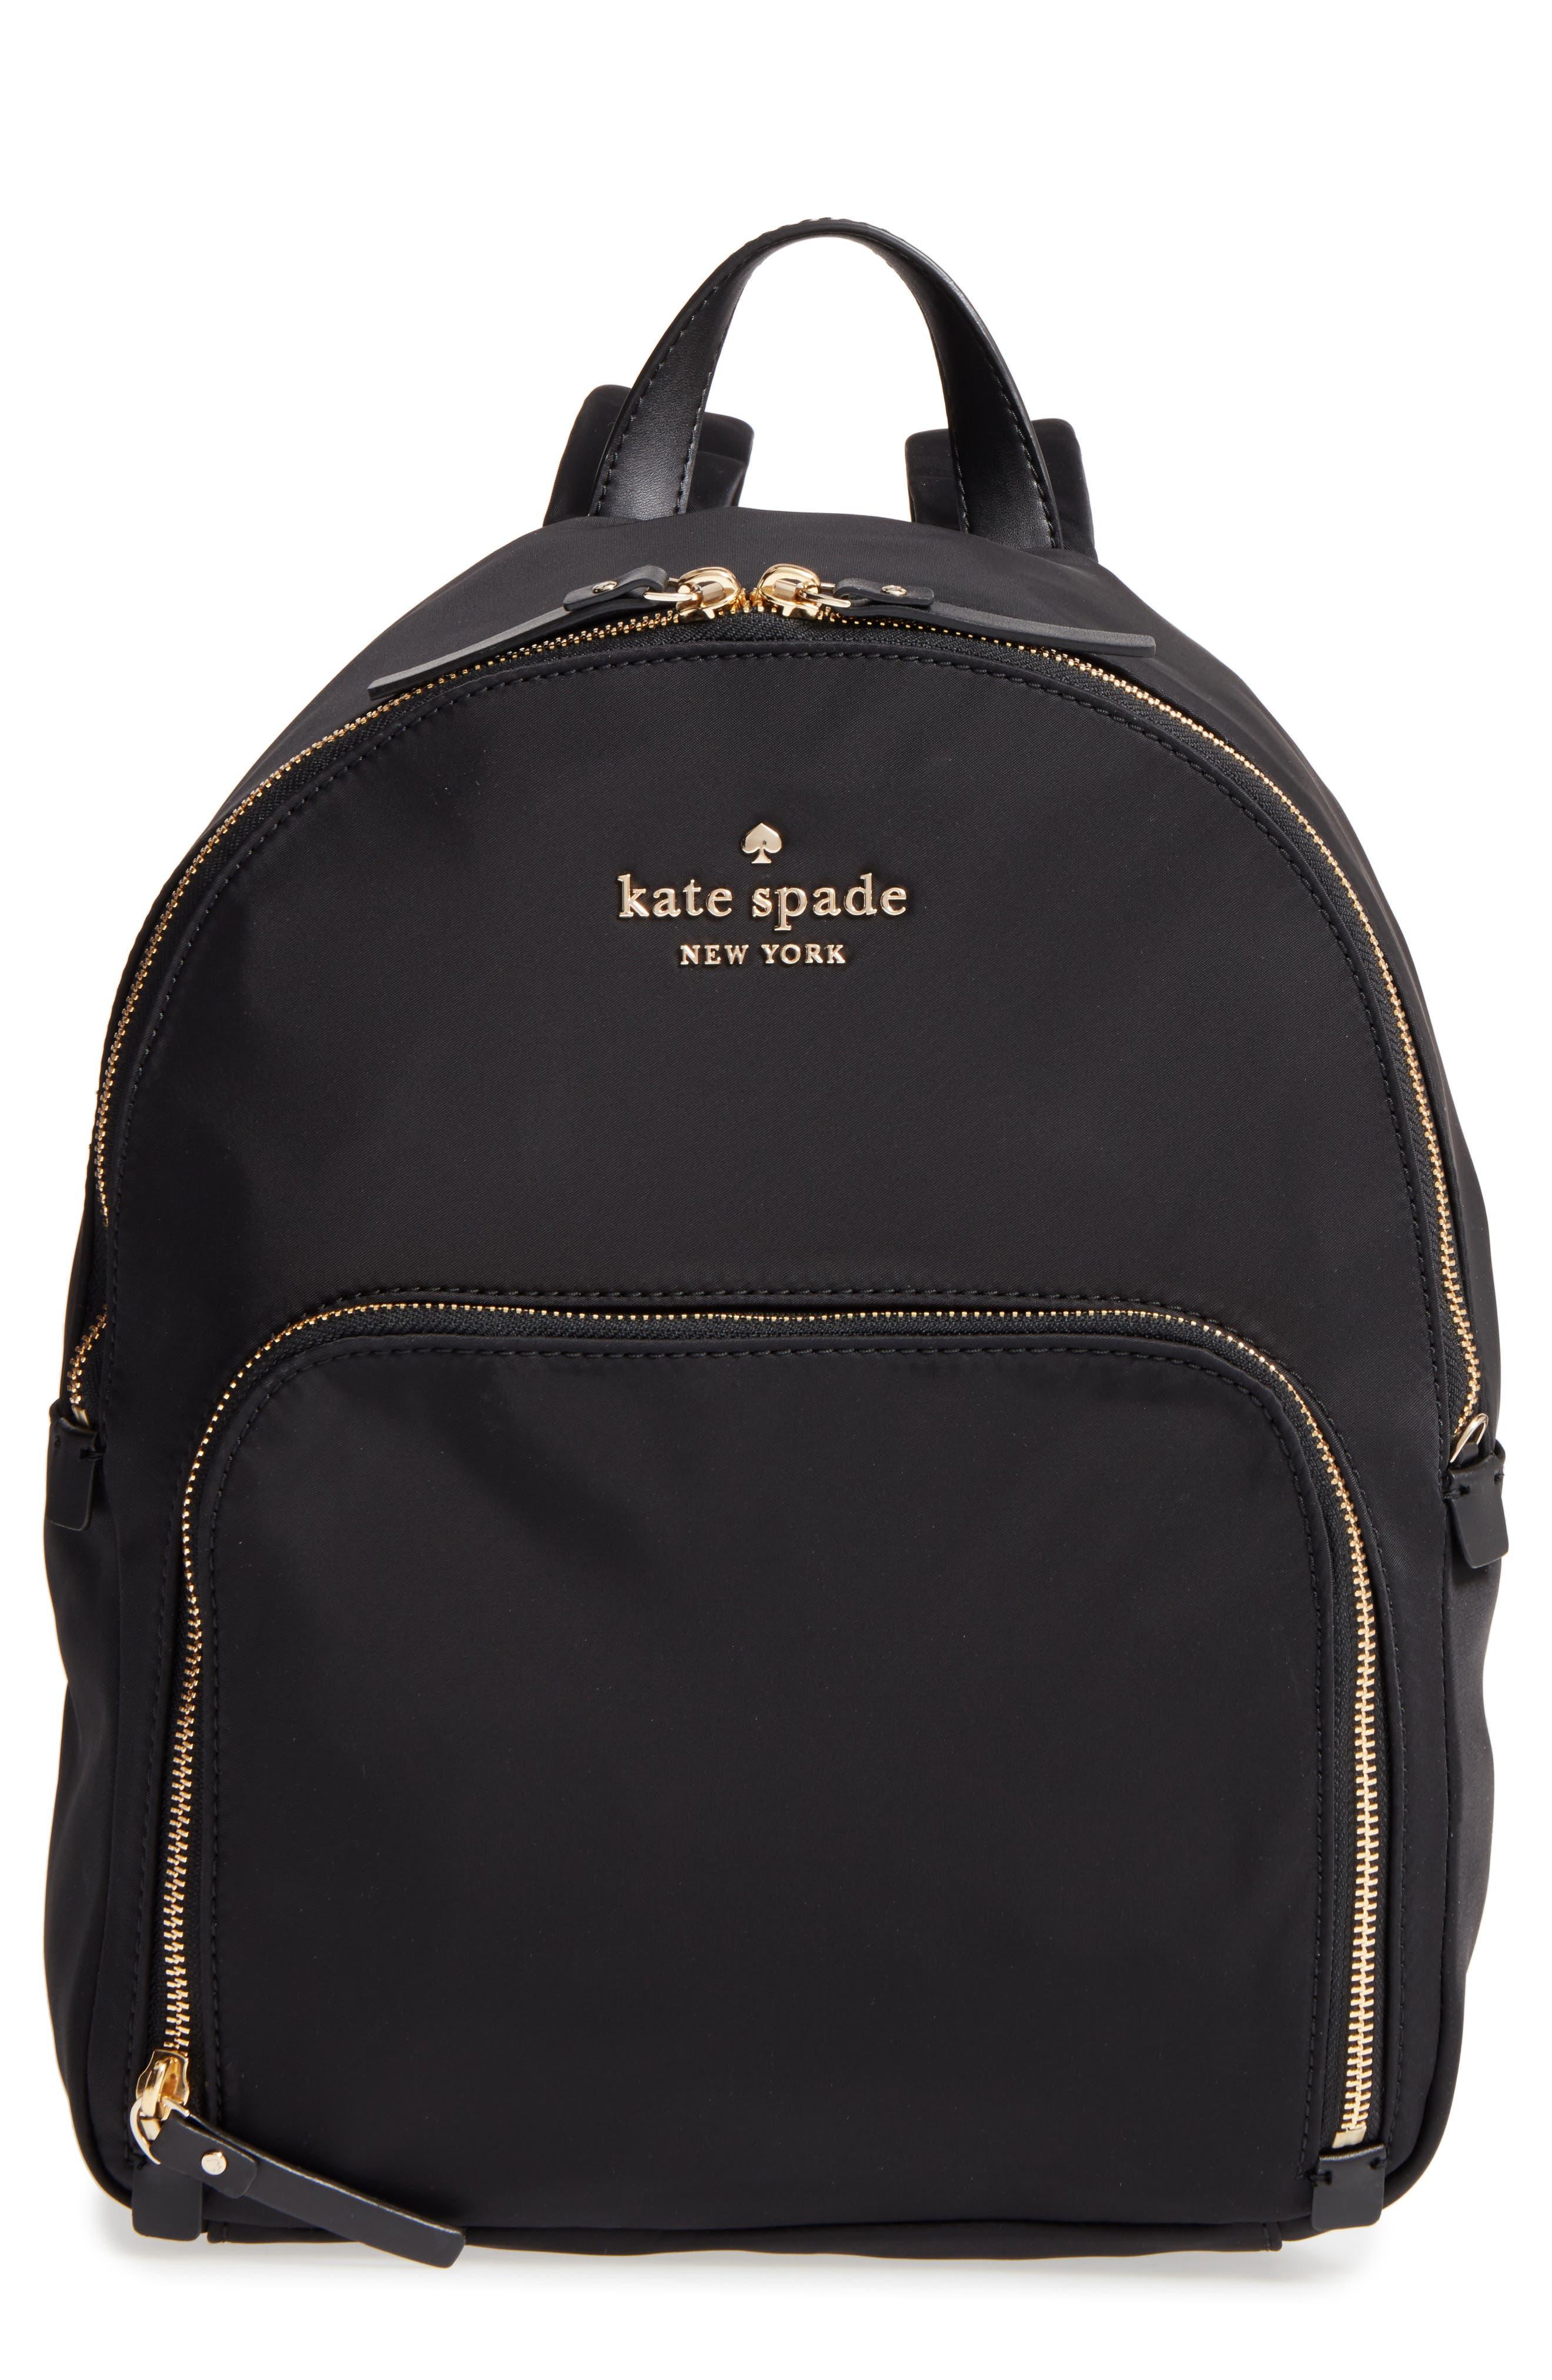 Gym Bag Beauty Essentials Gym Bag Beauty Essentials new pics